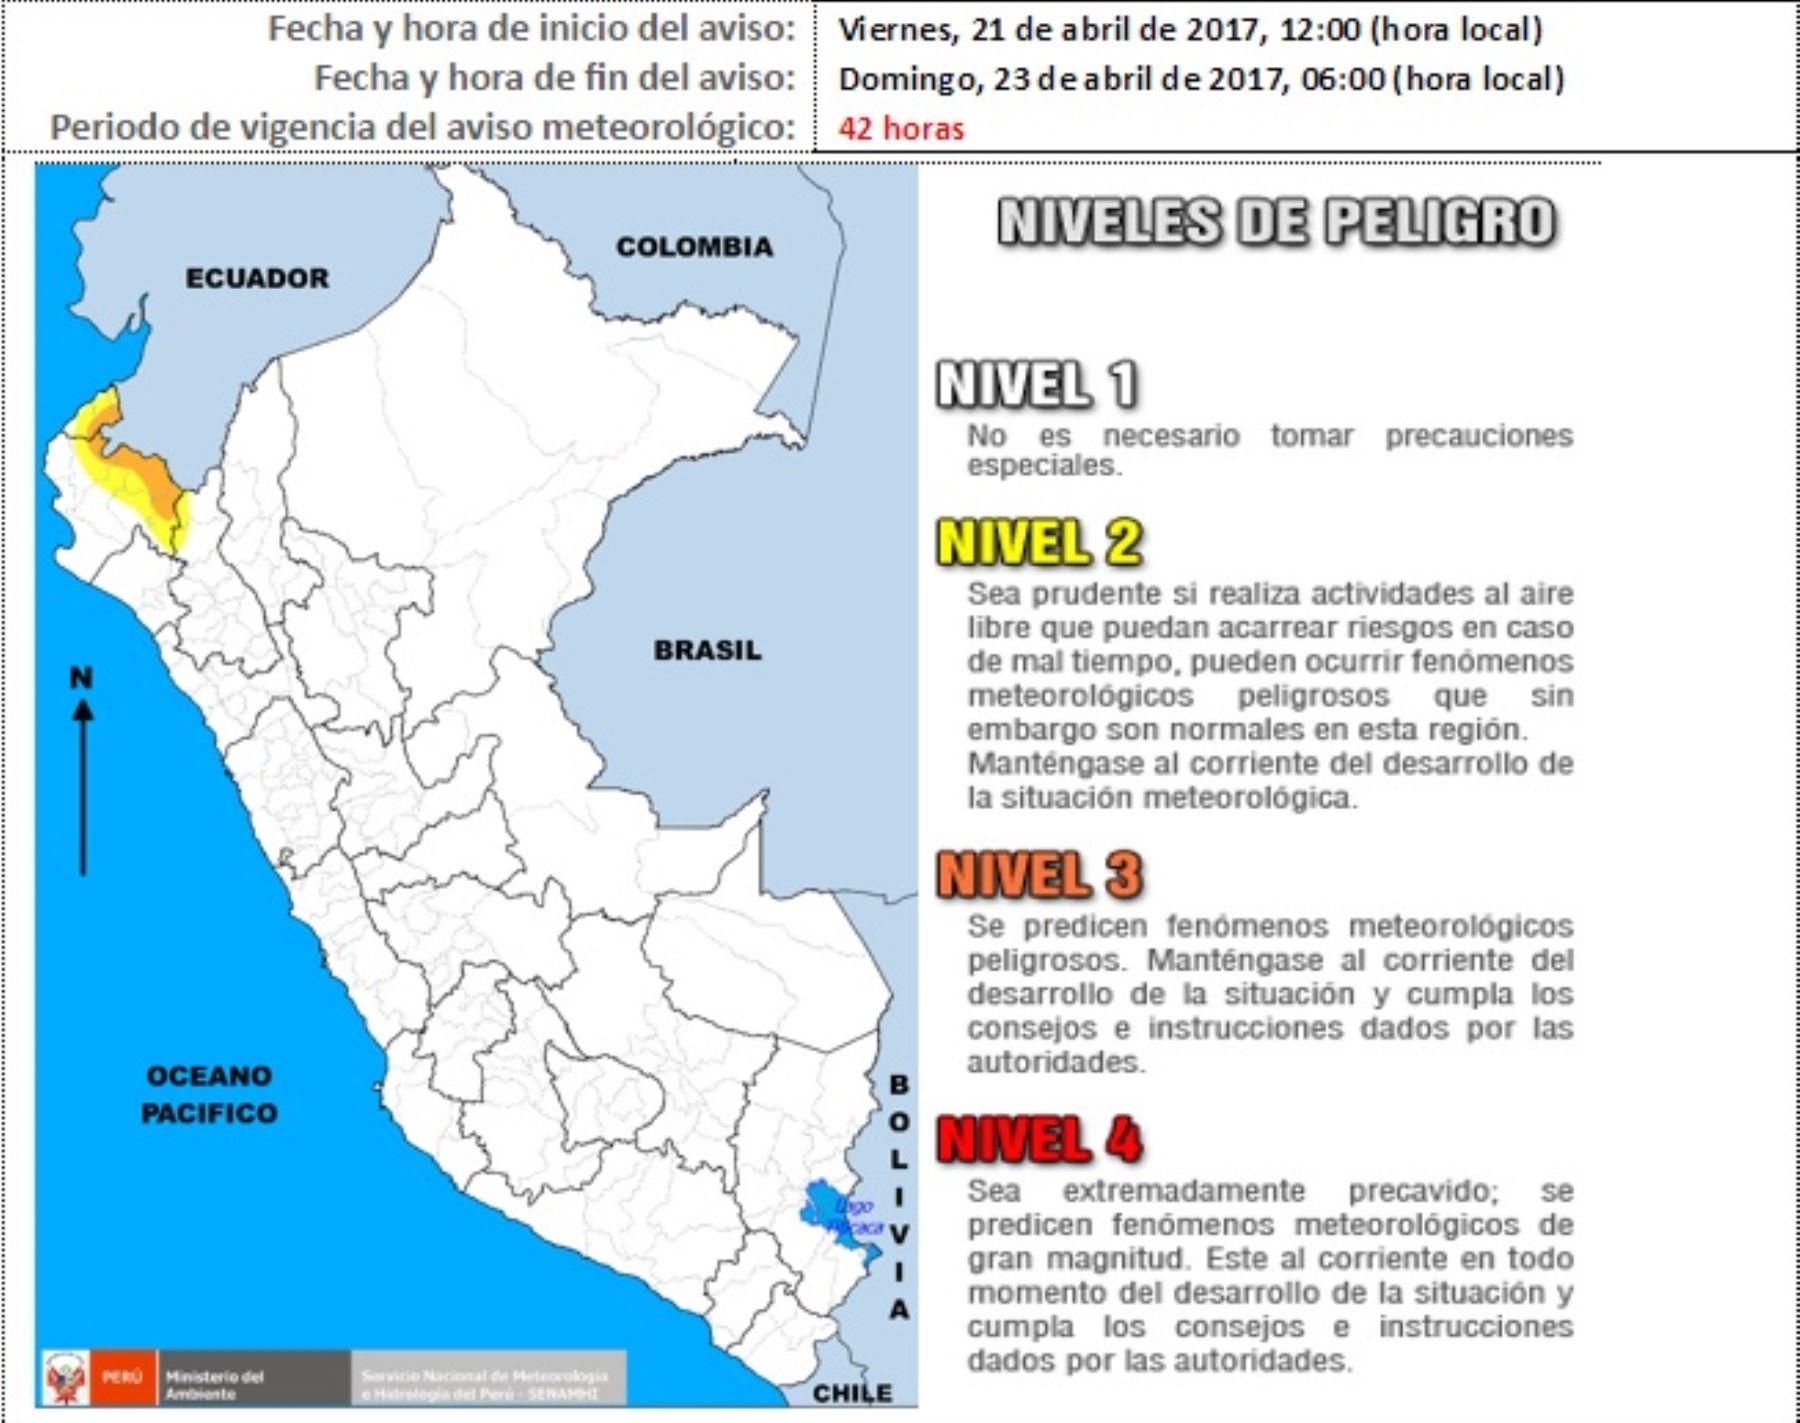 Desde hoy hasta el domingo 23 de abril se registrarán lluvias de moderada a fuerte intensidad en las zonas medias y altas de Tumbes, Piura y Cajamarca, informó el Servicio Nacional de Meteorología e Hidrología (Senamhi).